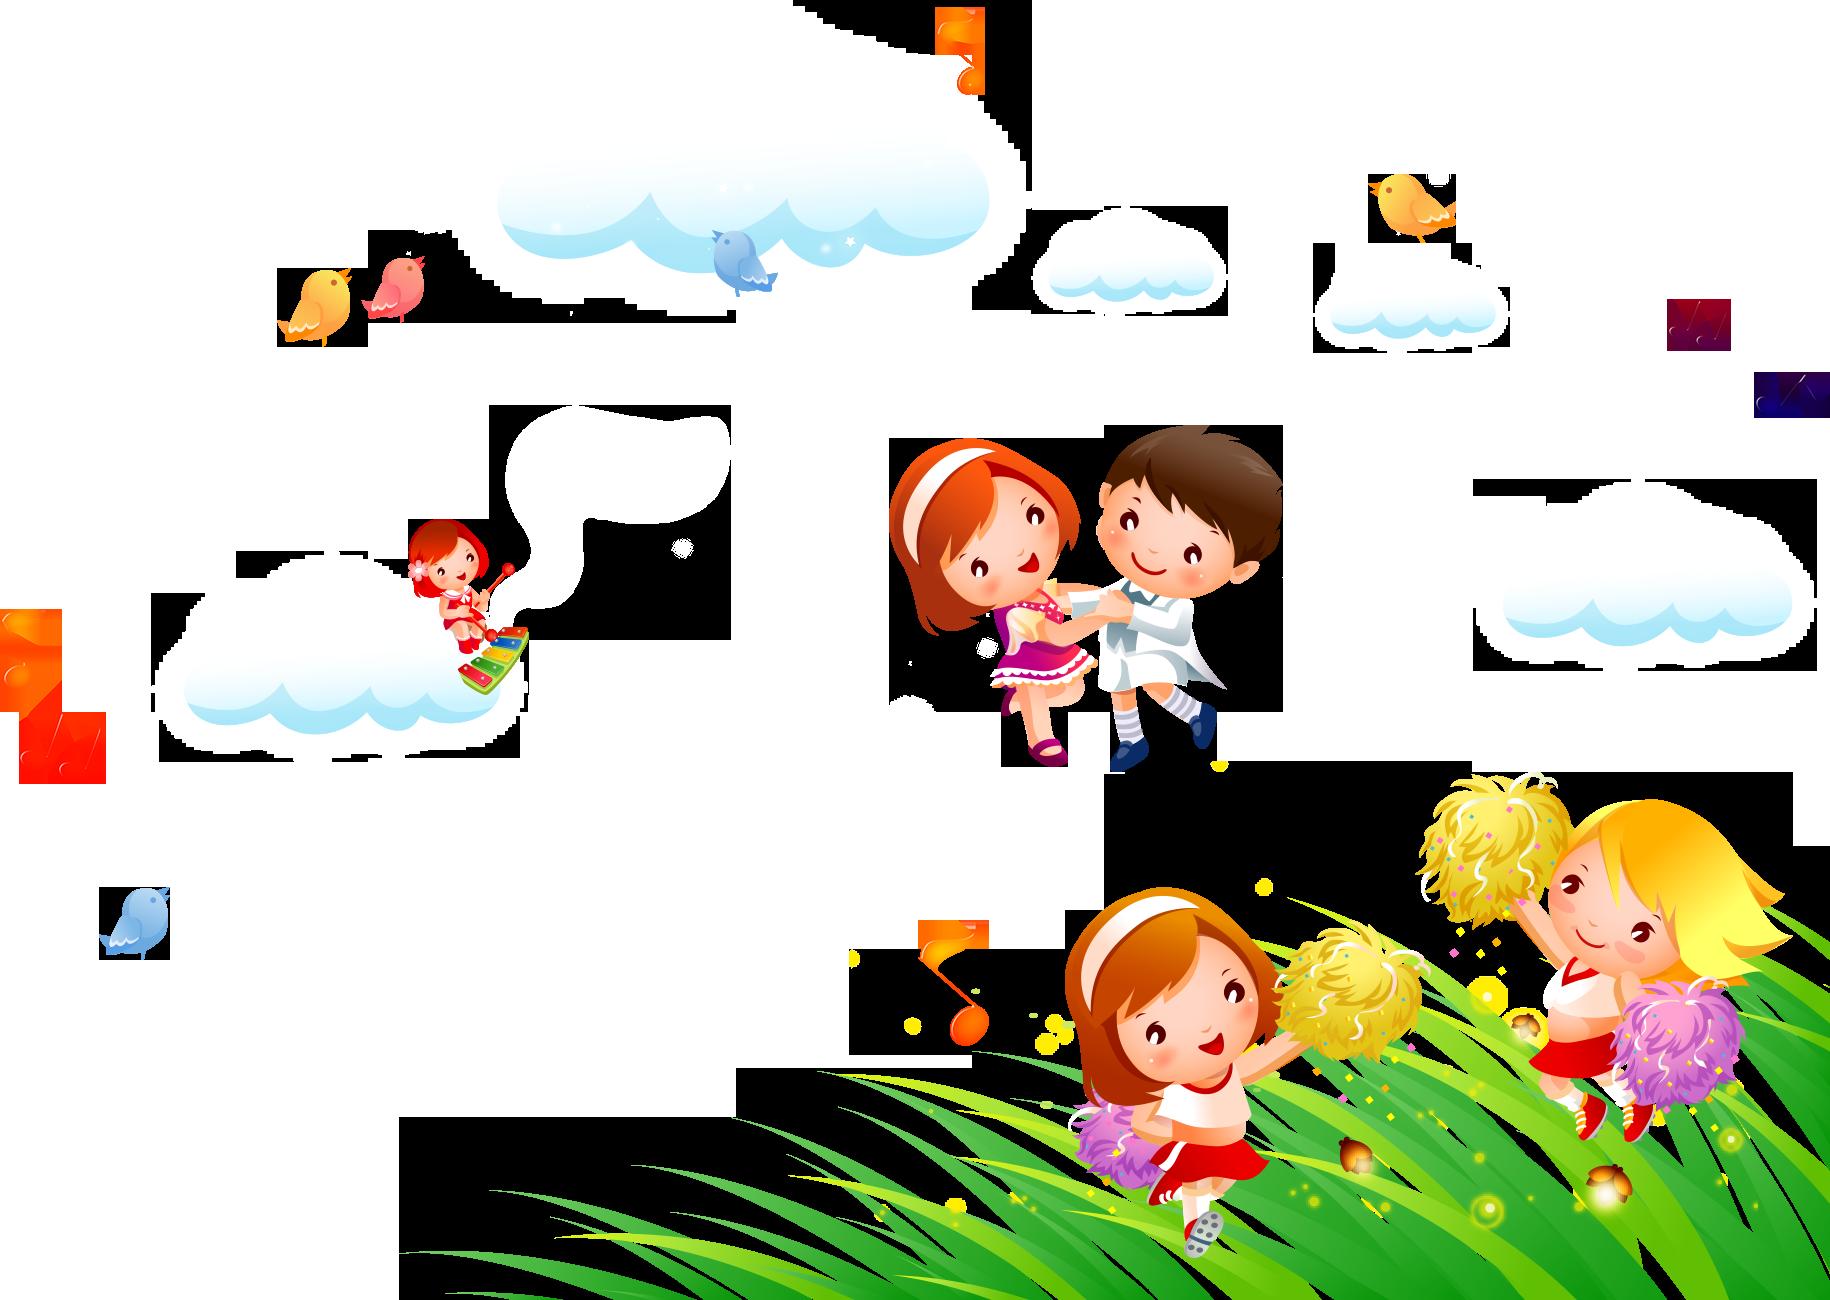 Dance musical note cartoon. Dancing clipart children's